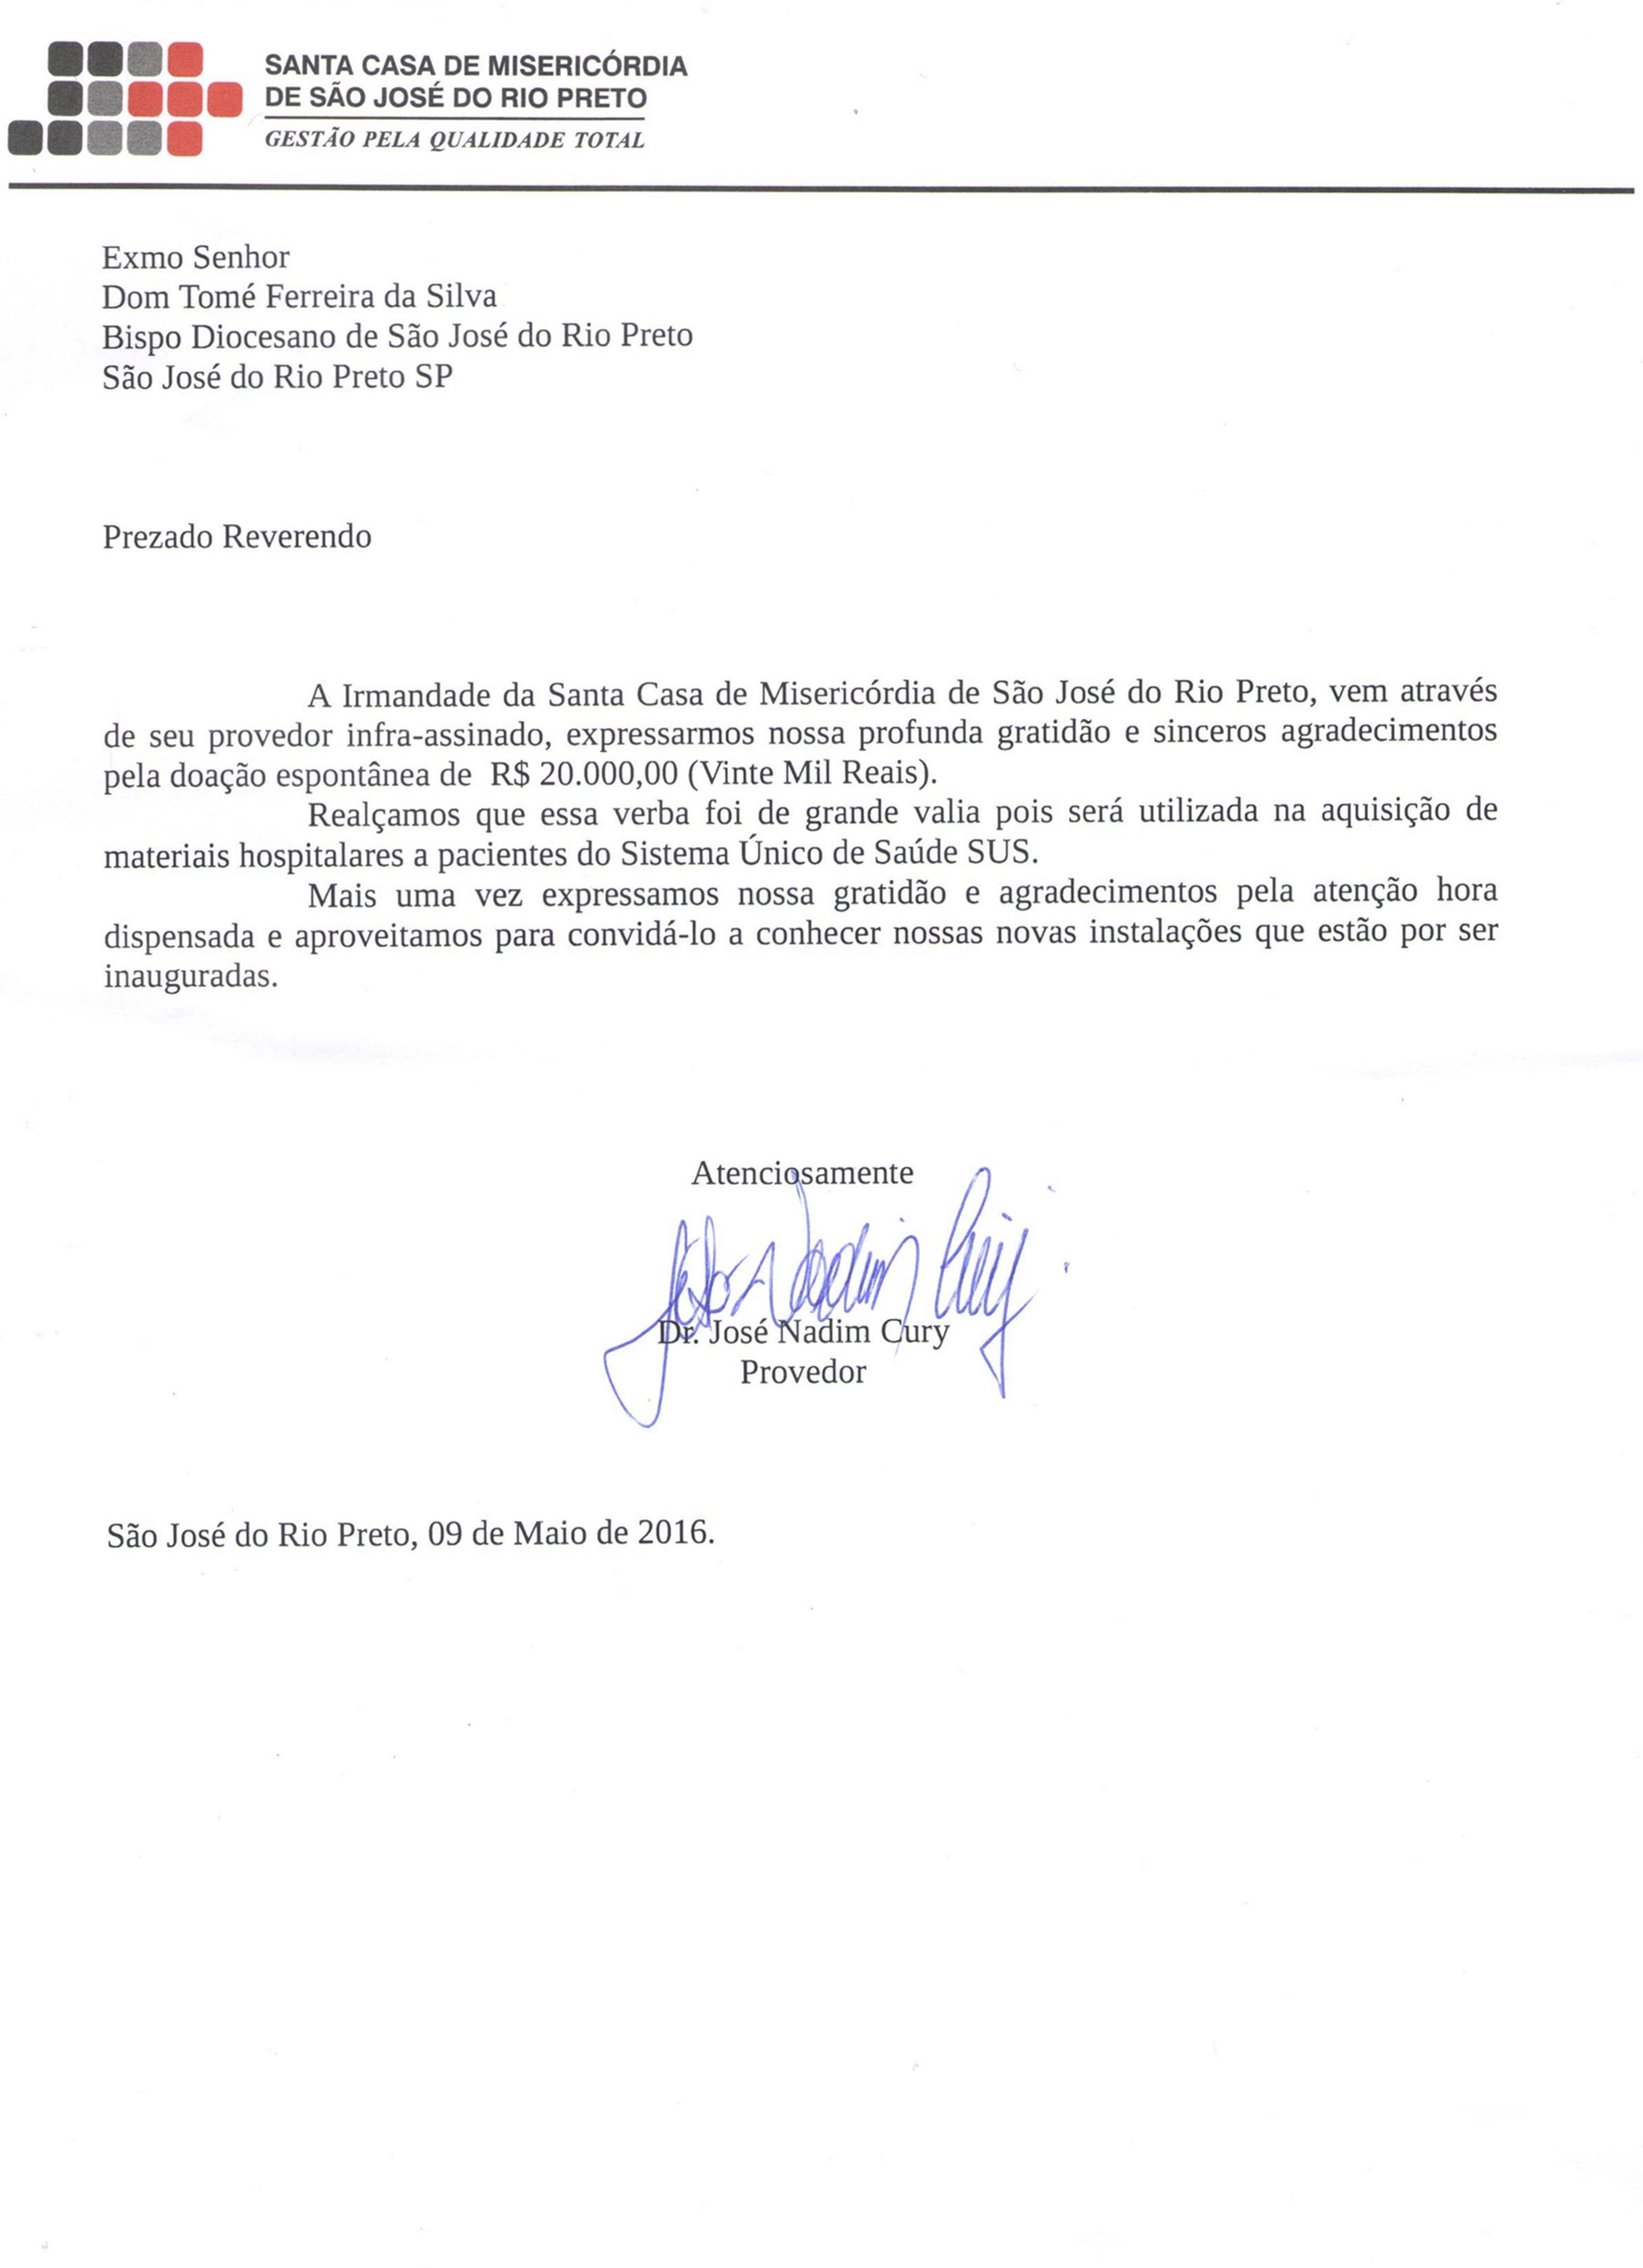 Diocese recebe carta de gratidão da Santa Casa de Misericórdia